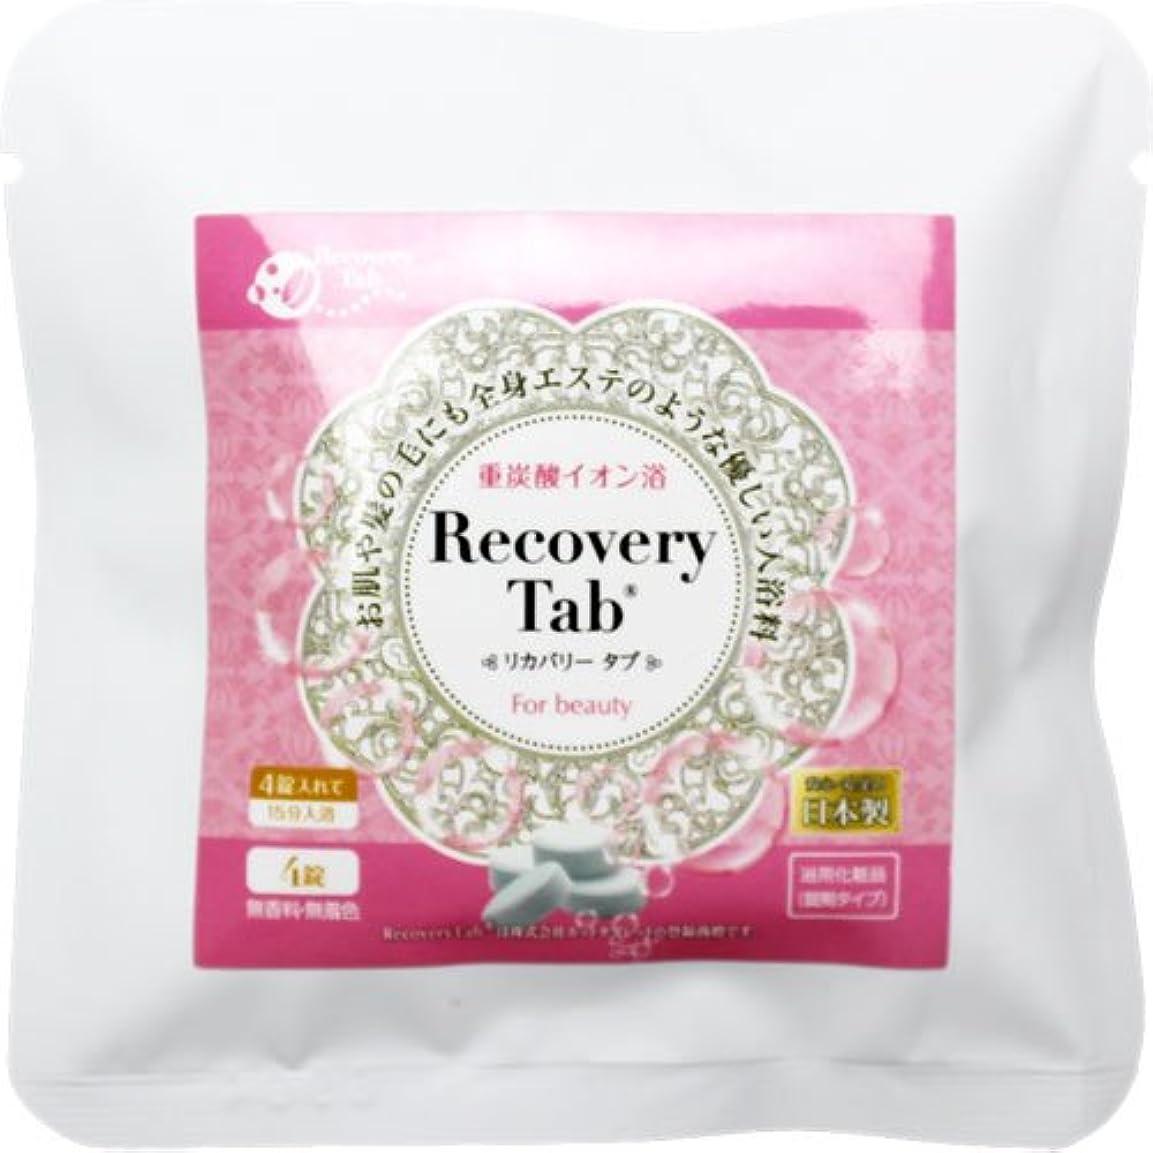 スペード援助廃棄Recovery Tab(リカバリータブ)(4錠)炭酸浴